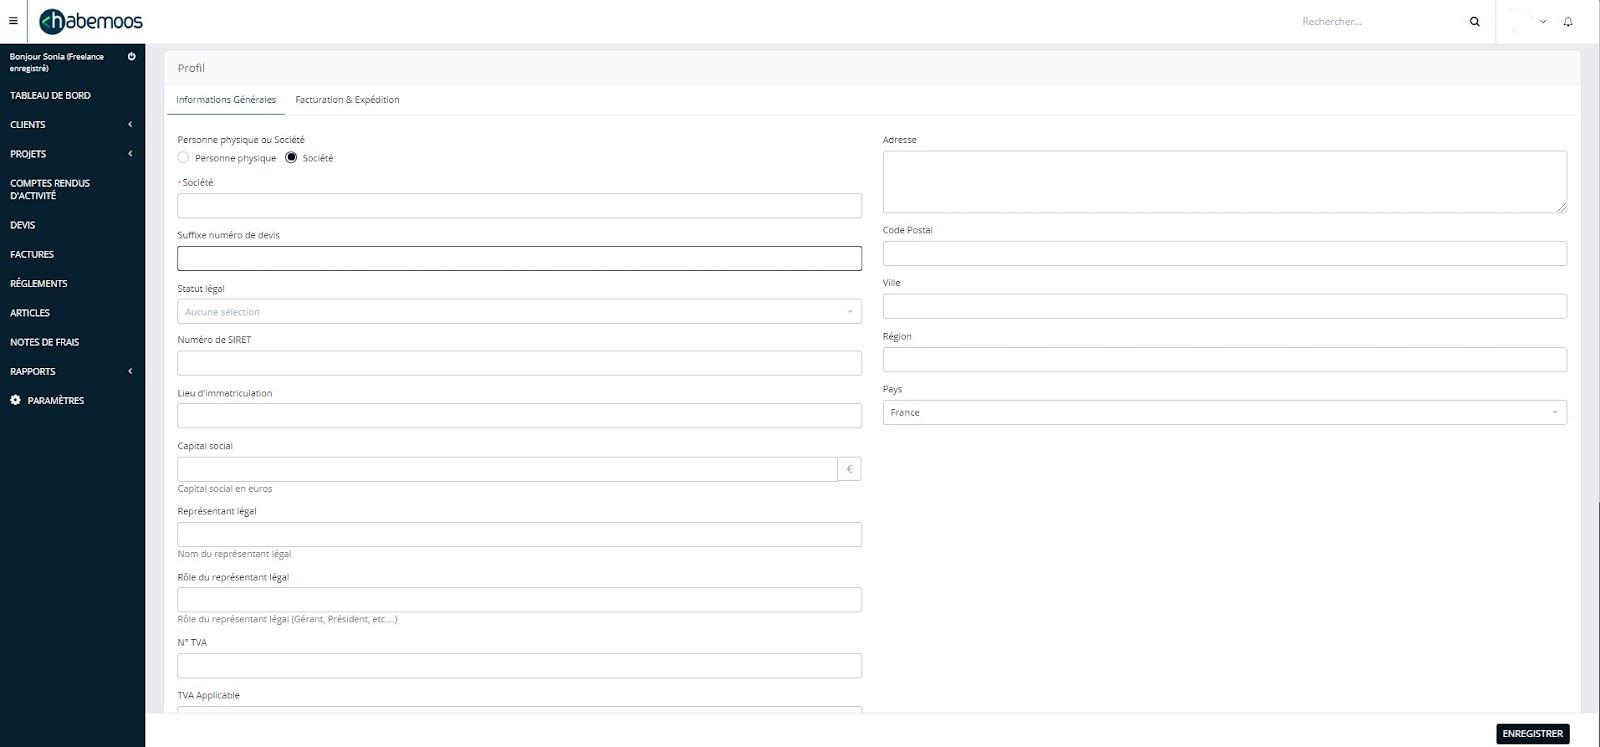 Utiliser un logiciel de facturation en ligne dès votre création d'entreprise 4